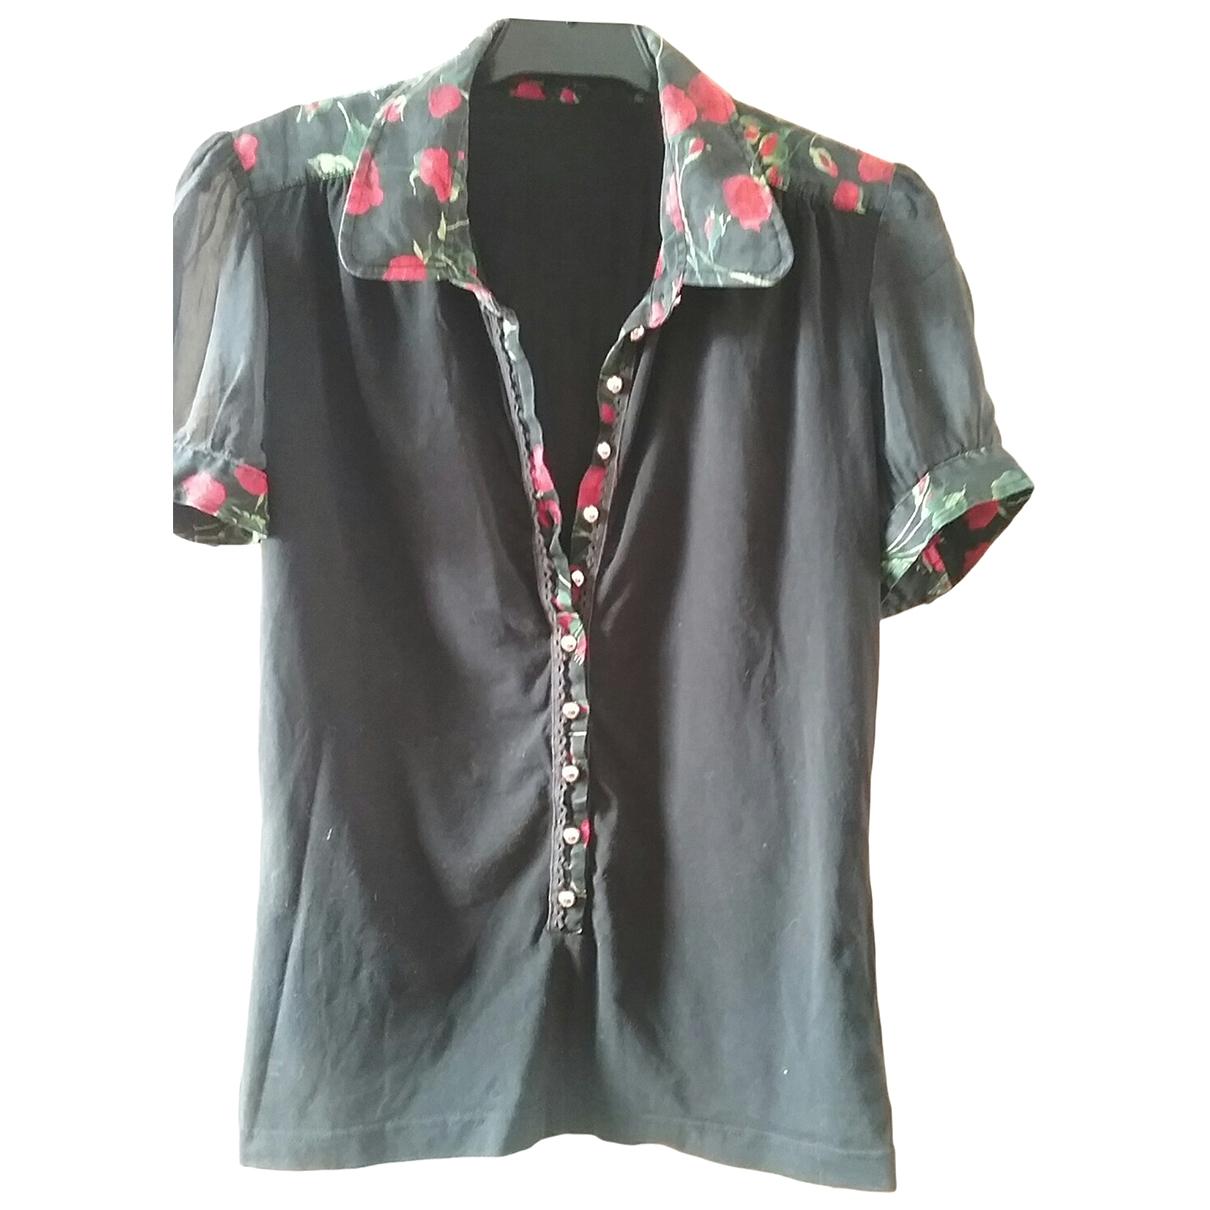 D&g \N Black Silk  top for Women 44 IT